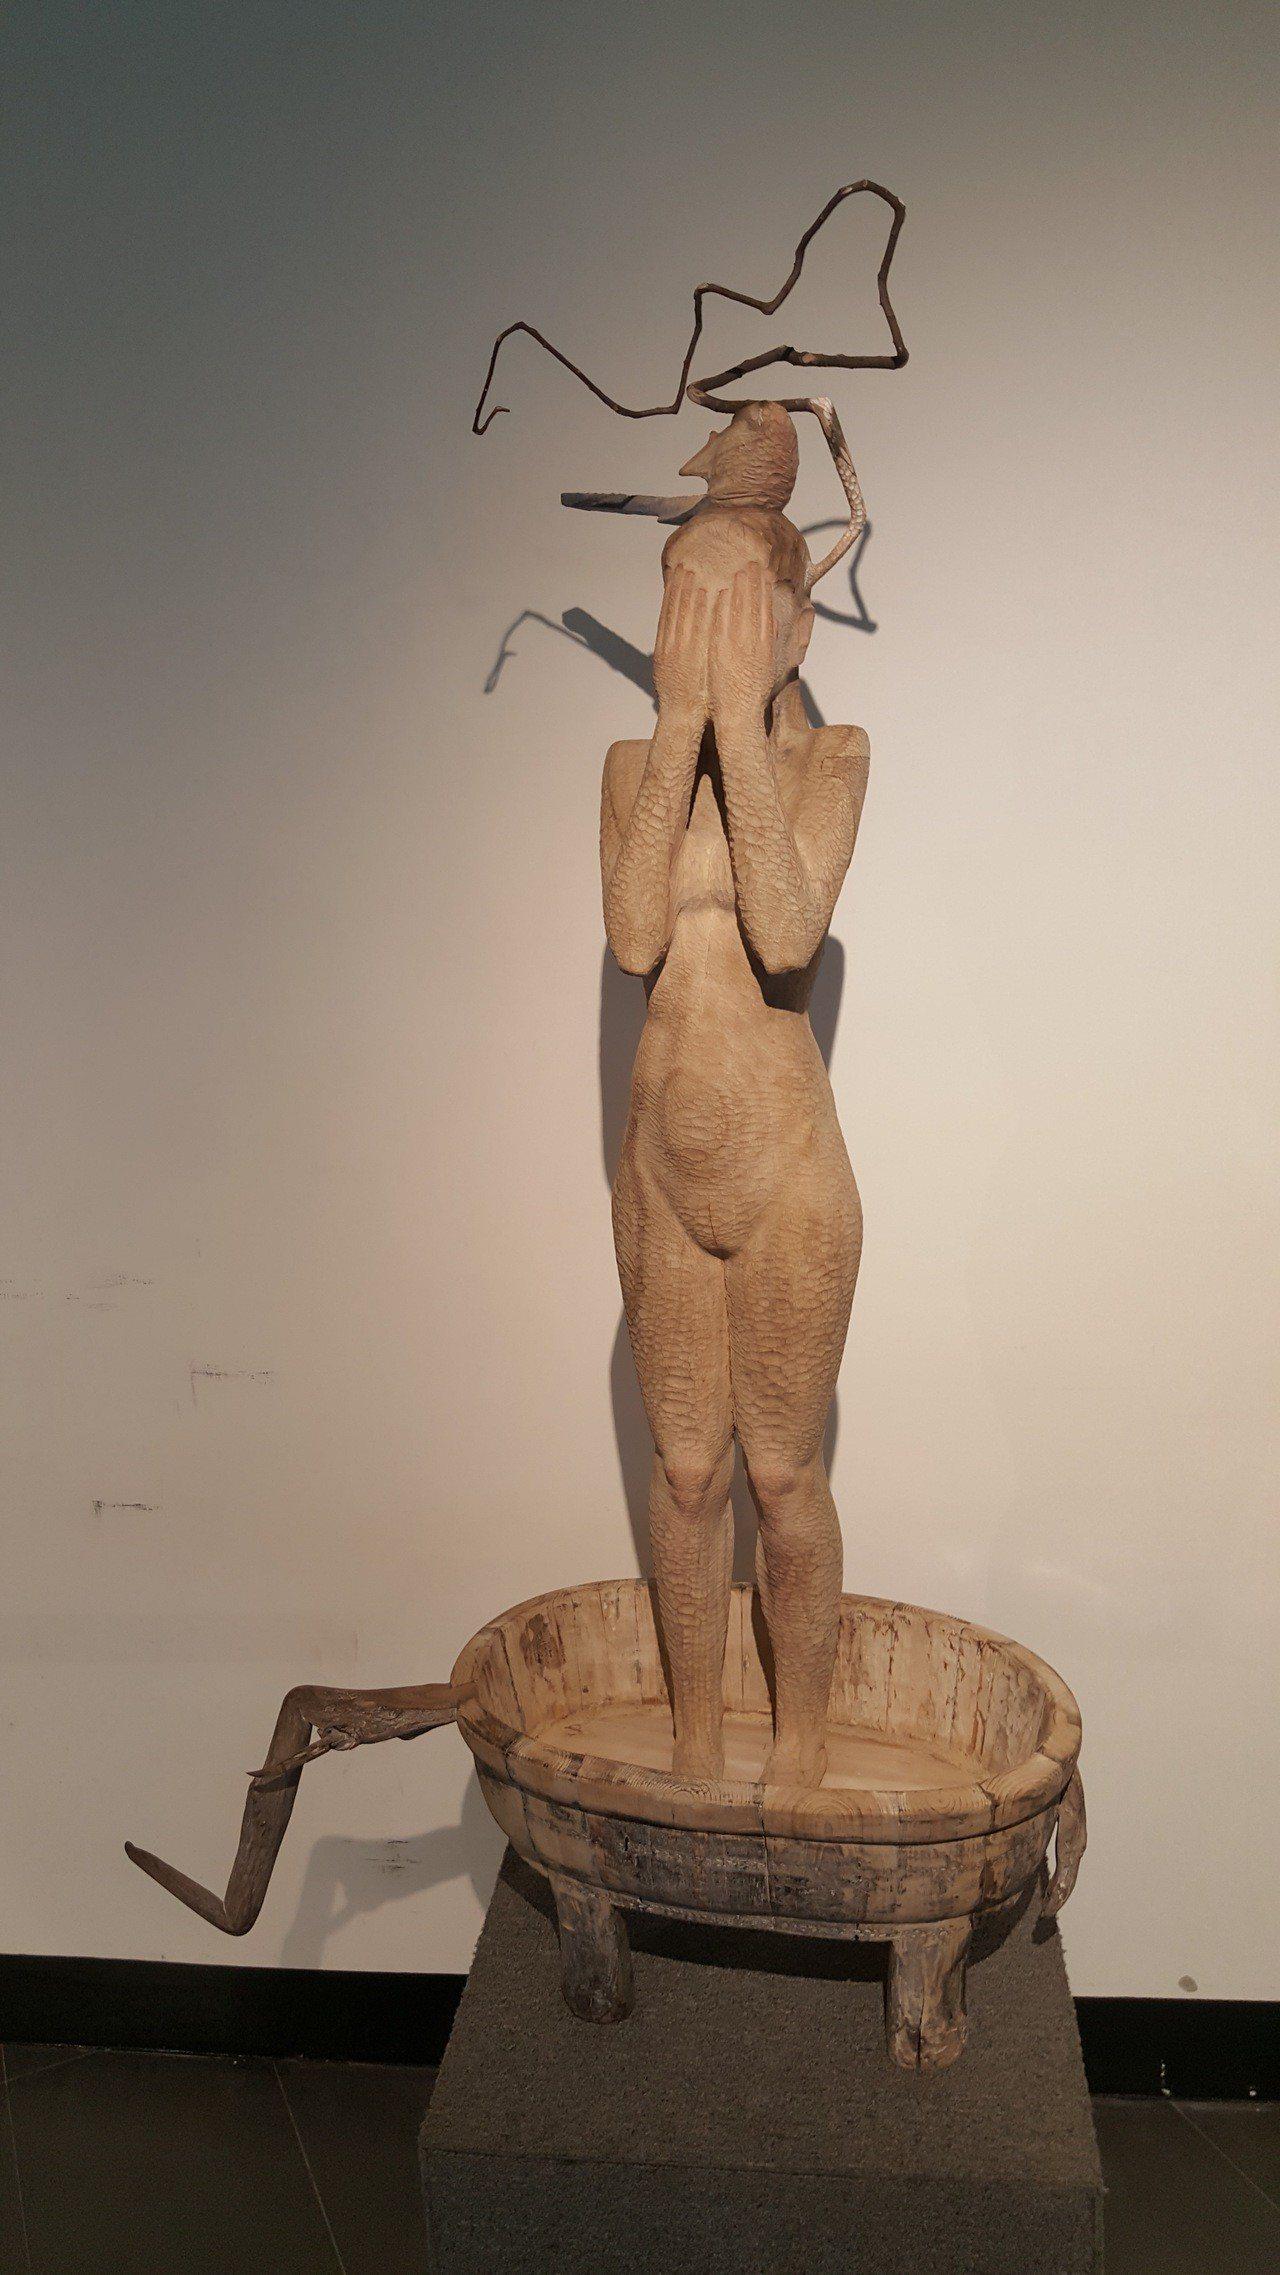 裕隆木雕創新獎得主大陸鄧坤,作品「女丑尸的一天」。記者胡蓬生/攝影